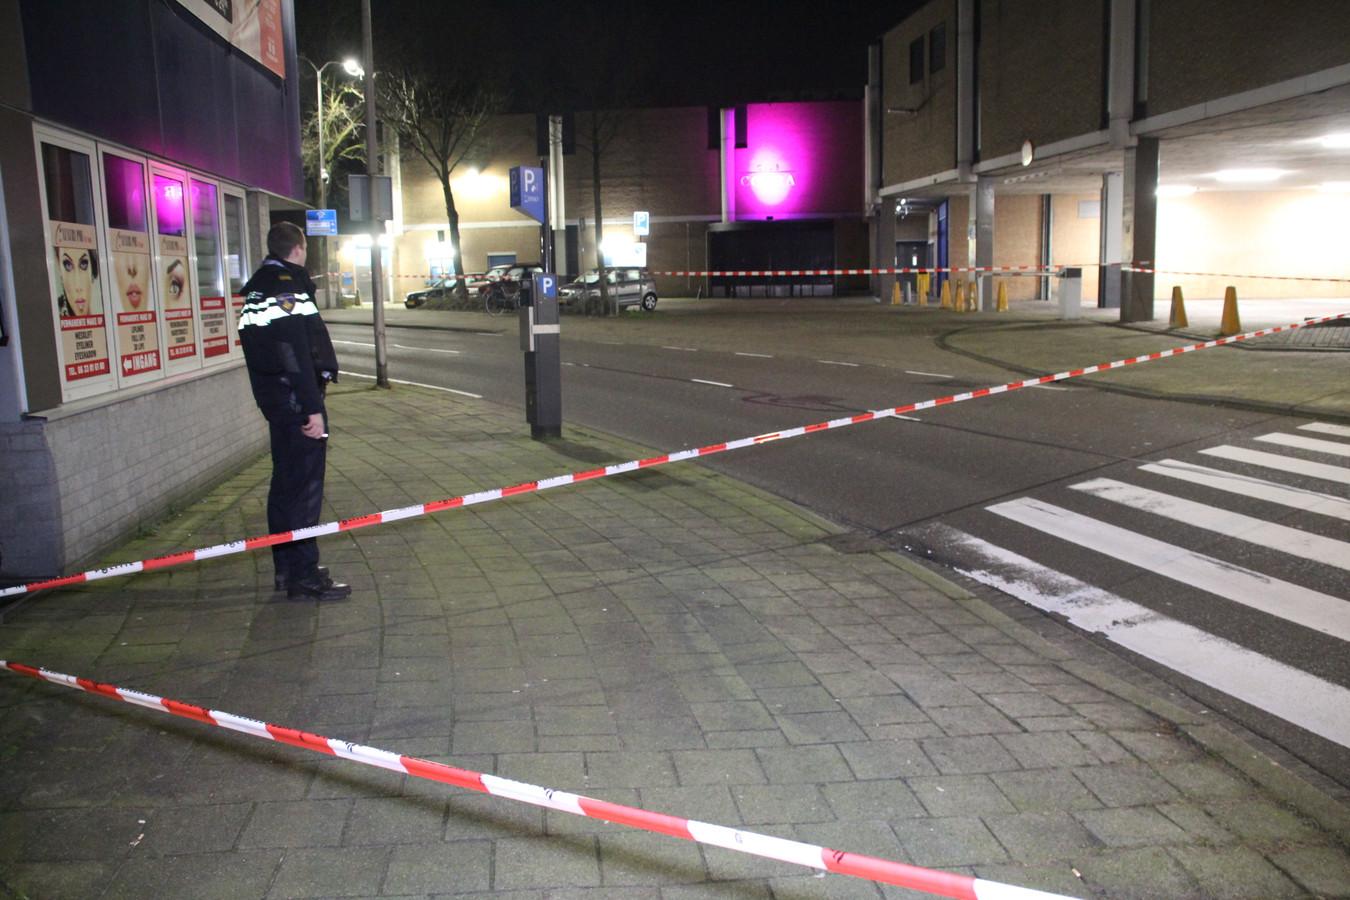 De omgeving van Club Cobra werd gisterenavond afgezet door de politie